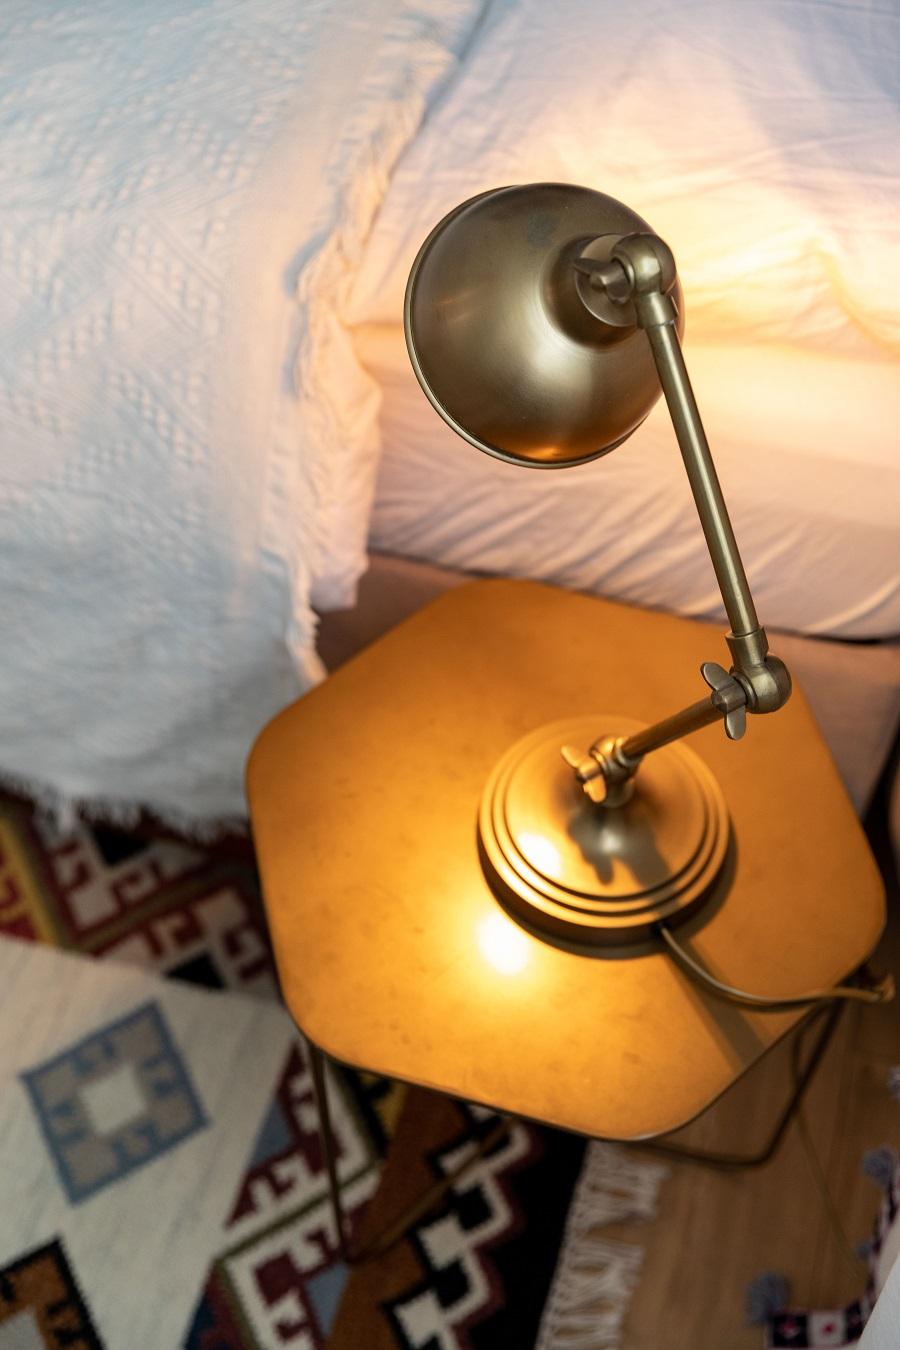 עיצוב נטלי אלל   צילום אורית ארנון